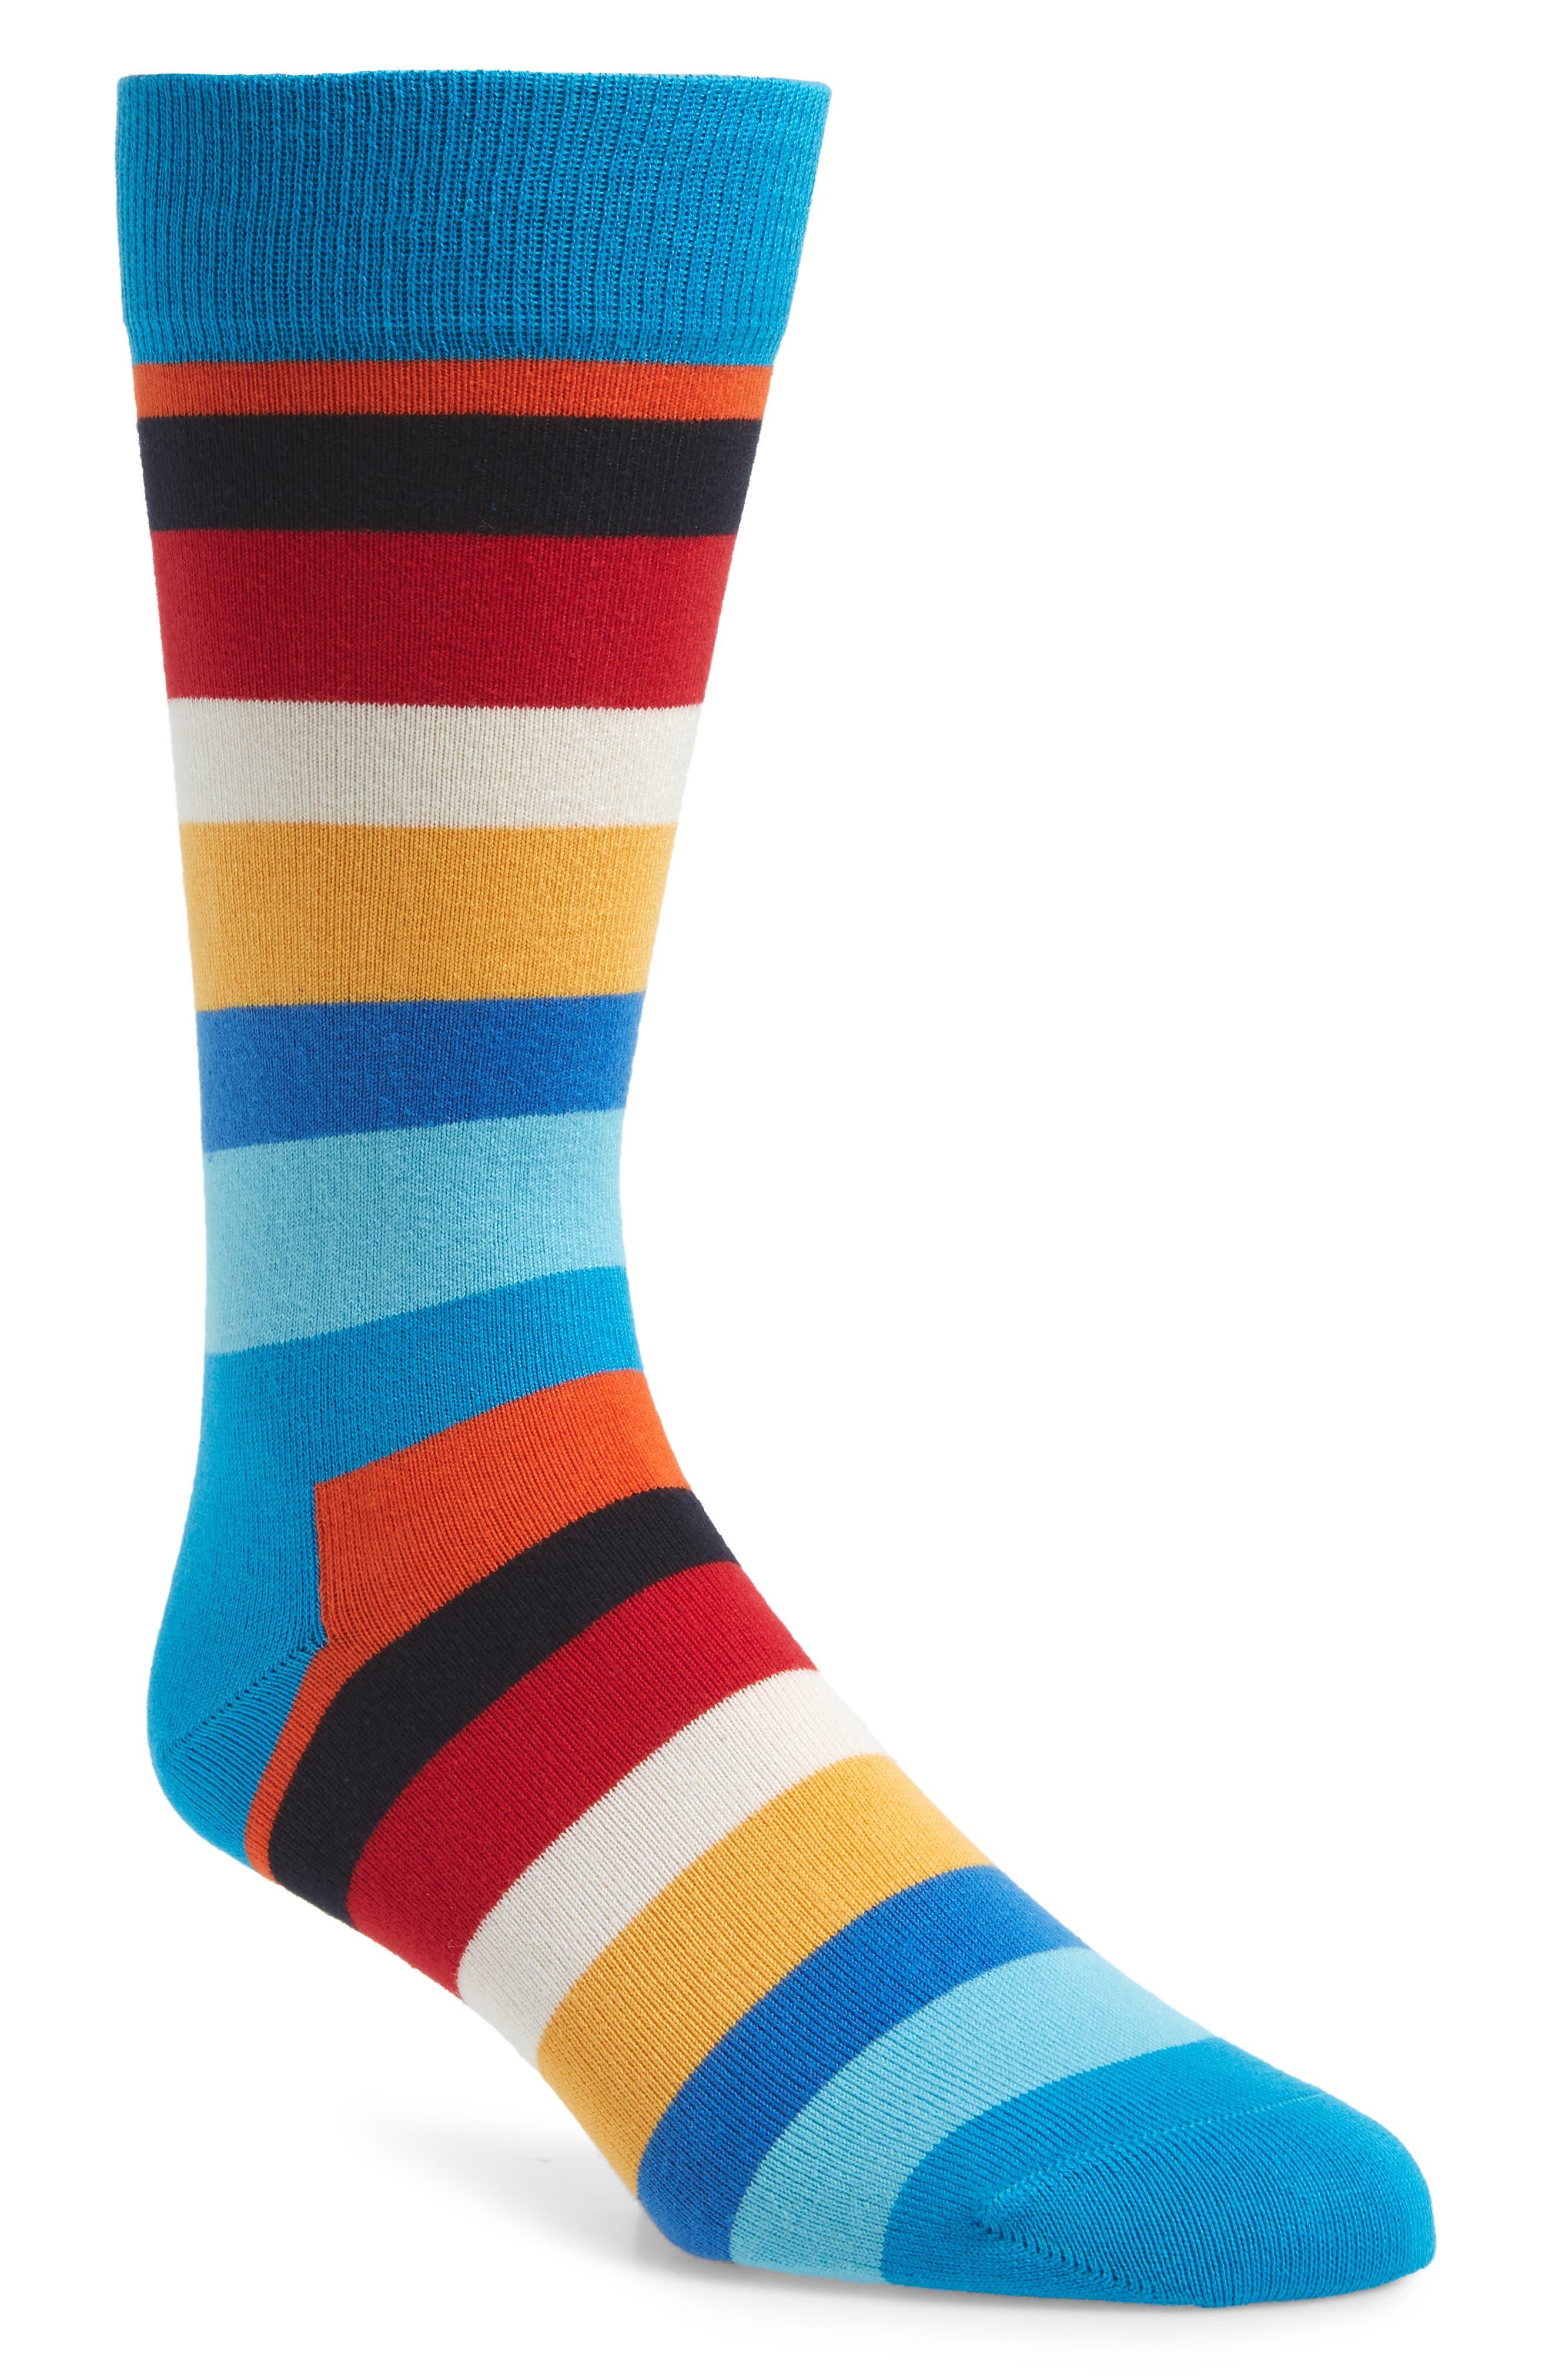 Striped Socks,                             Main thumbnail 1, color,                             BLUE MULTI